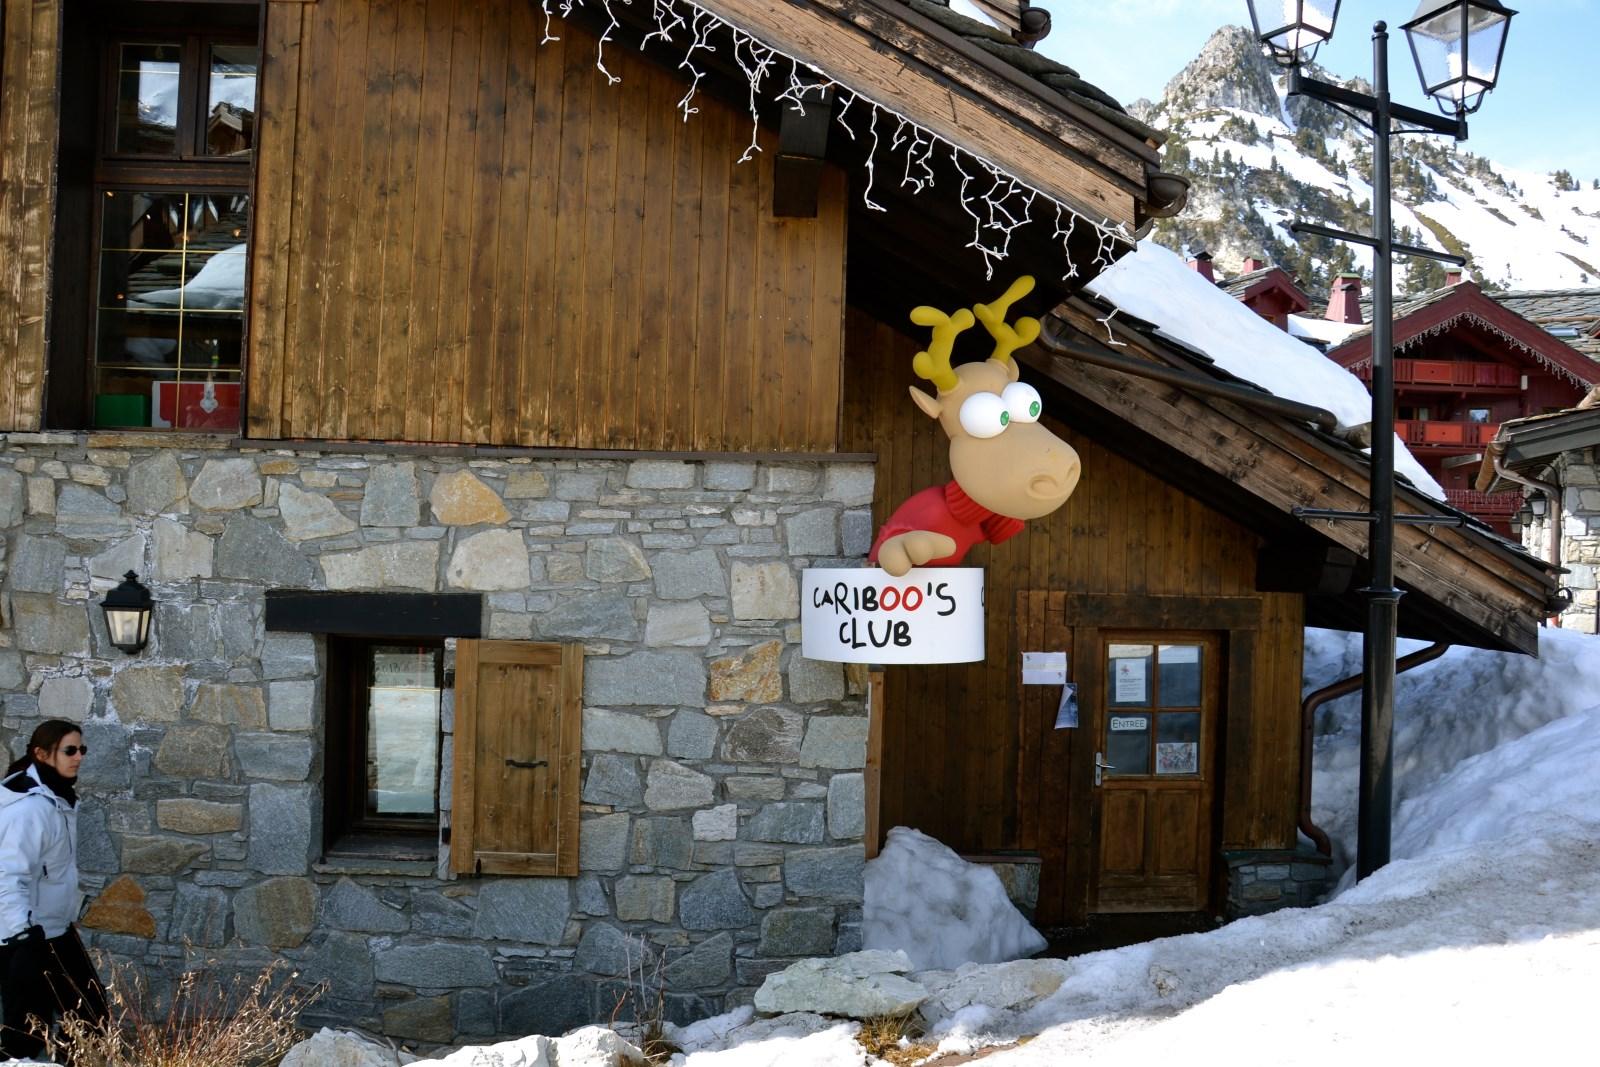 Station de ski Crèche aux Arcs - Le Cariboo - Arc 1950|Station de ski Crèche aux Arcs - Le Cariboo - Arc 1950